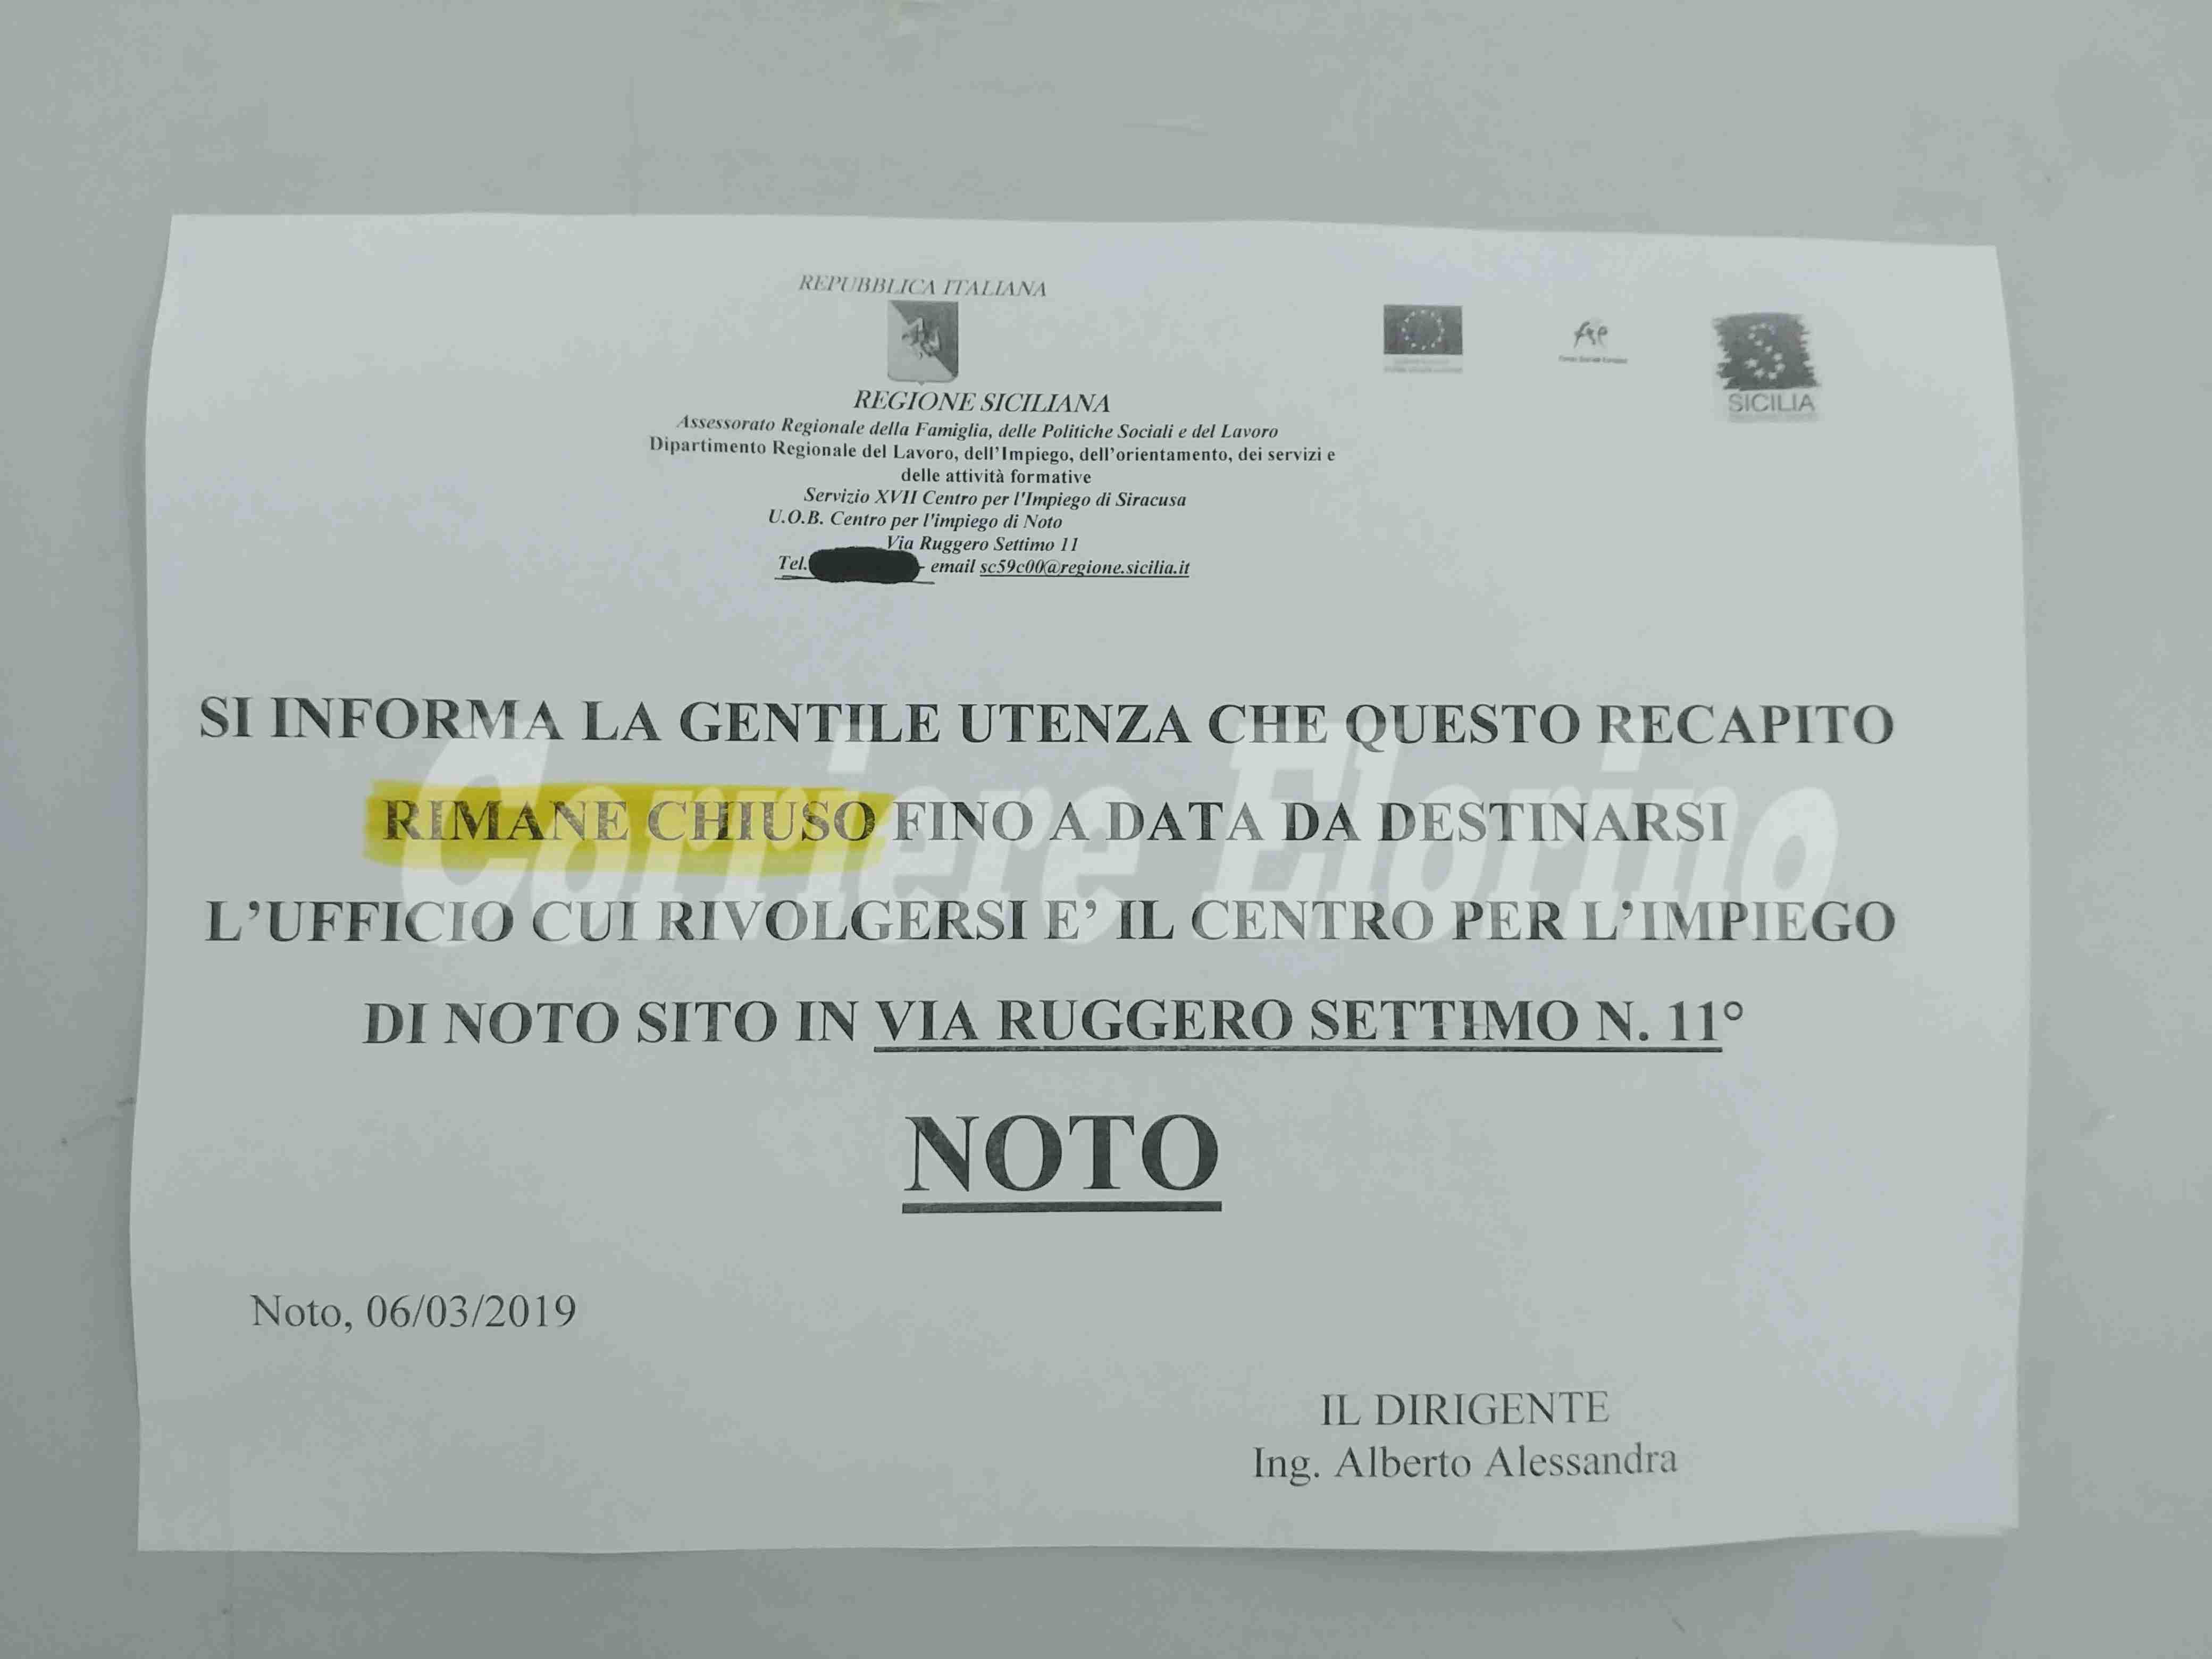 Ufficio di Collocamento chiude e si sposta a Noto: disservizi per i rosolinesi